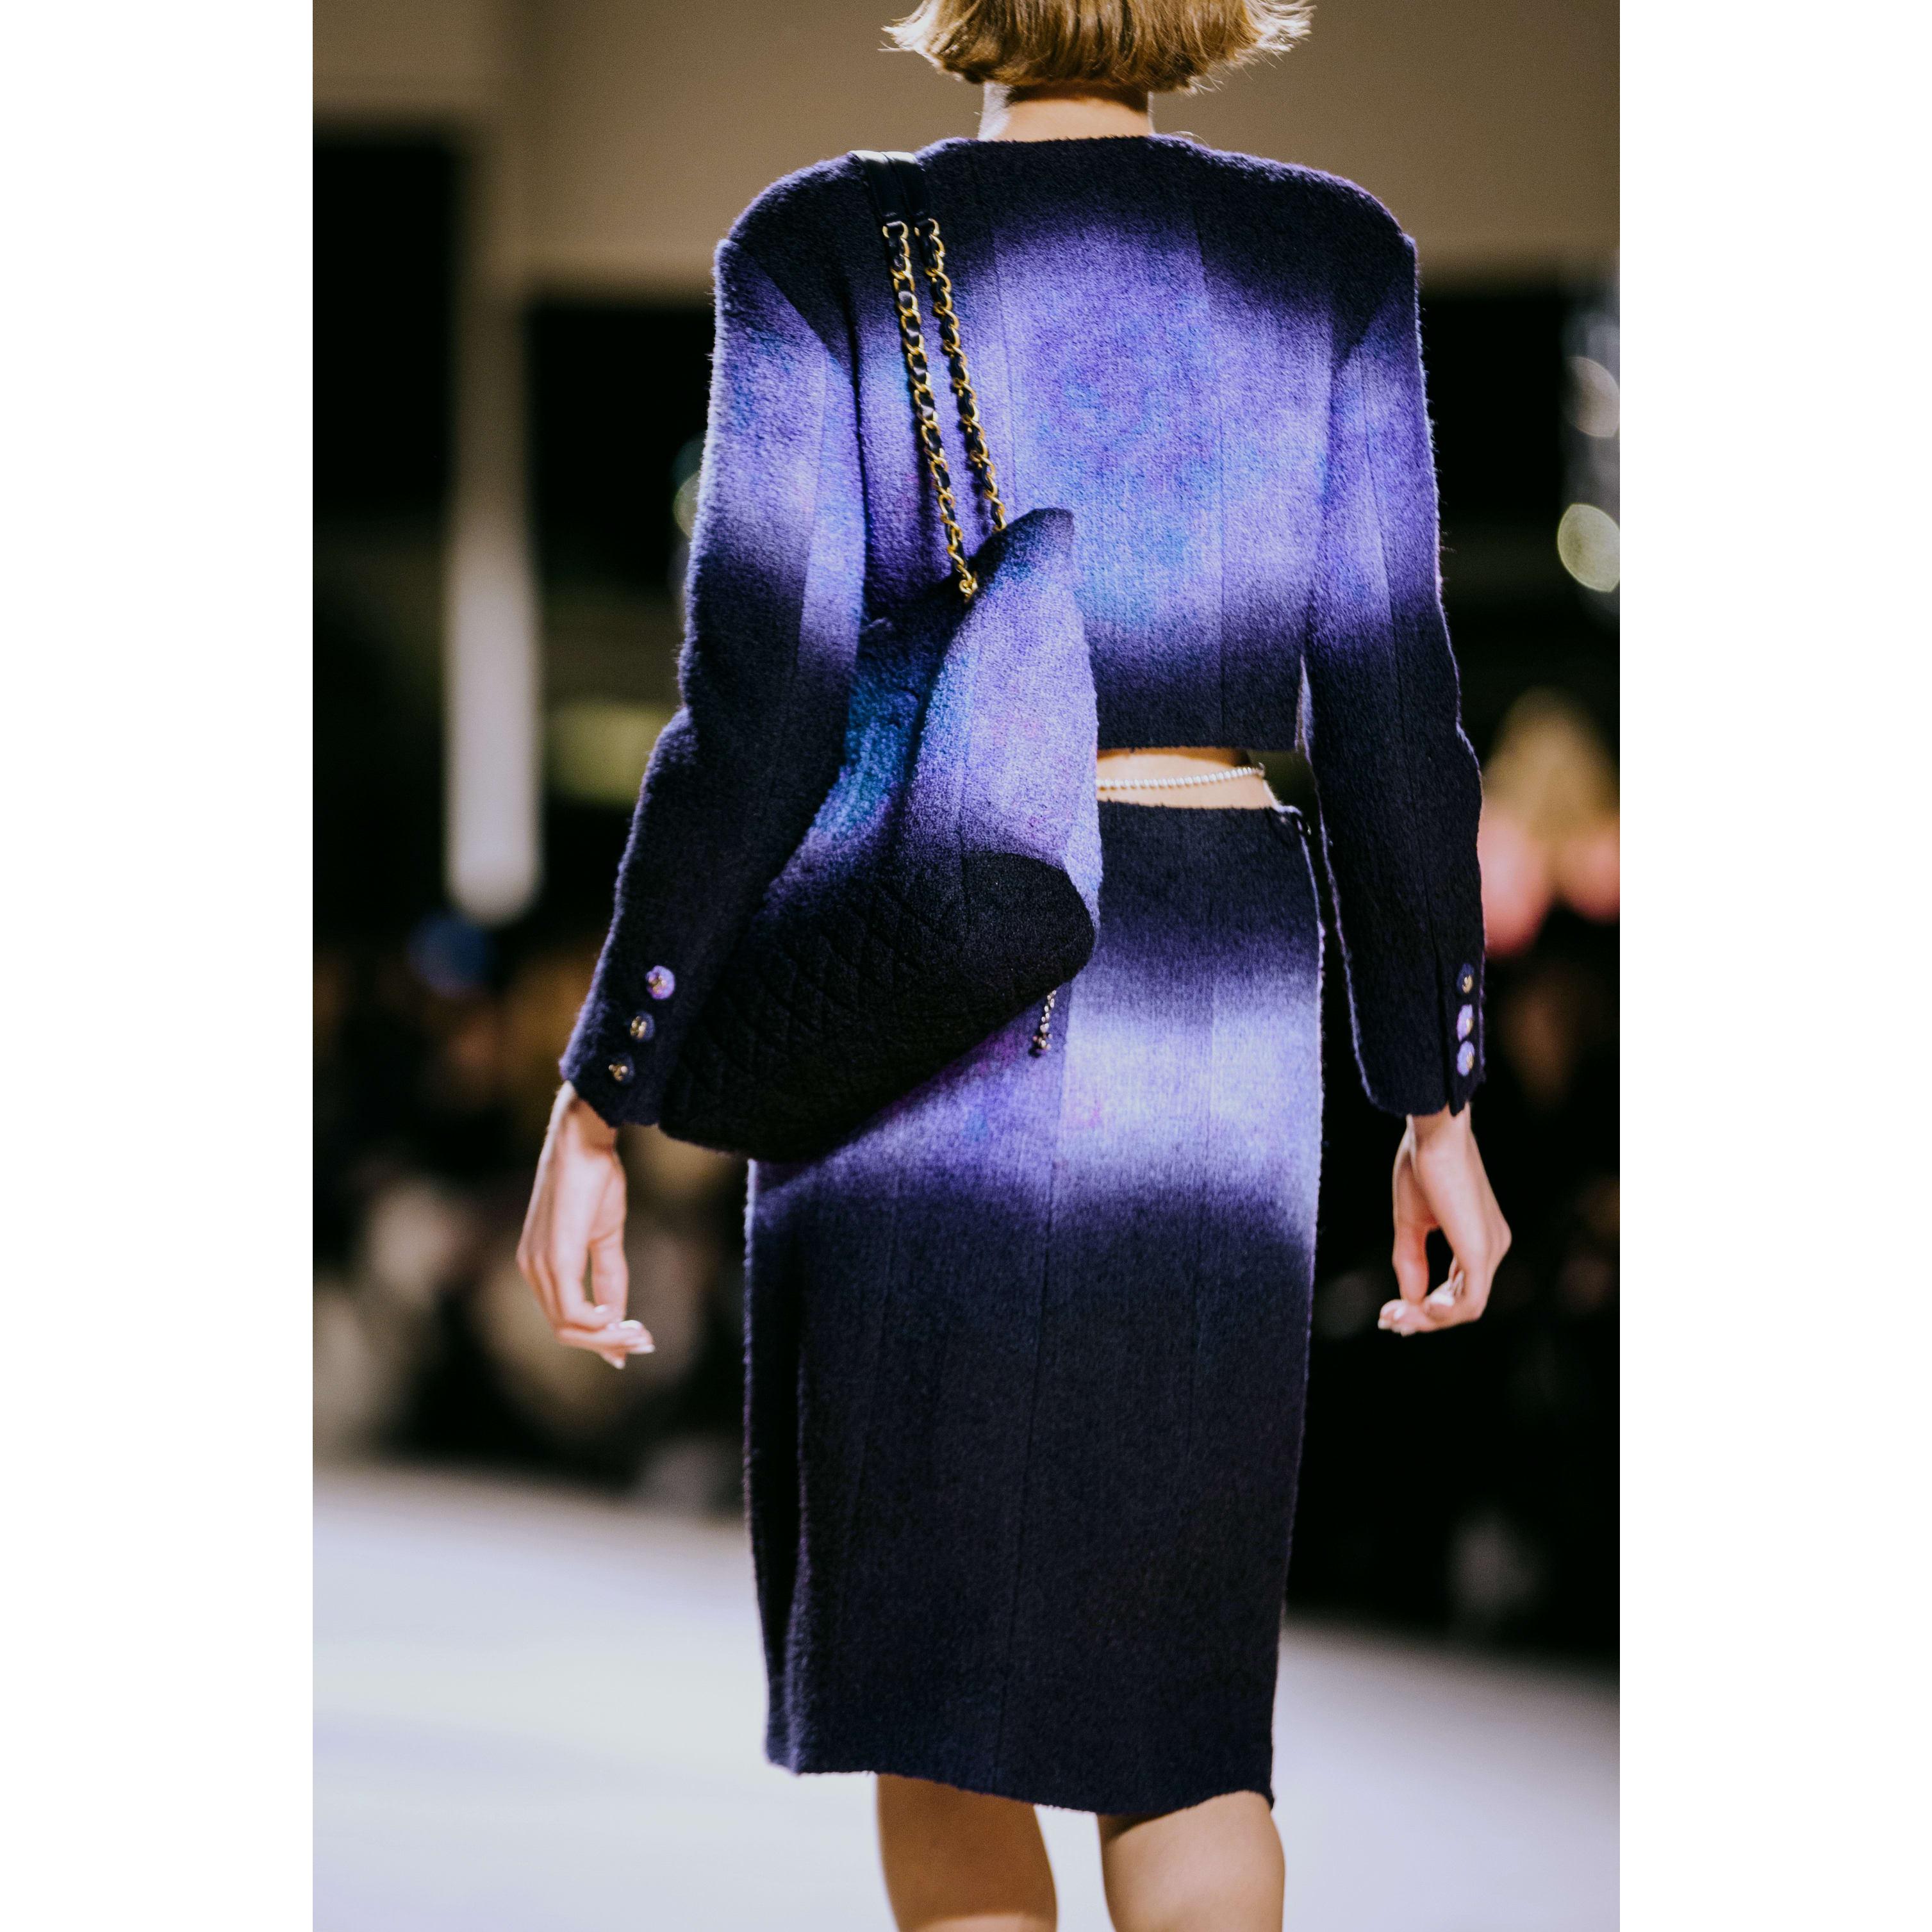 Юбка - Фиолетовый, черный и синий - Шерстяной твид - CHANEL - Альтернативный вид - посмотреть изображение стандартного размера